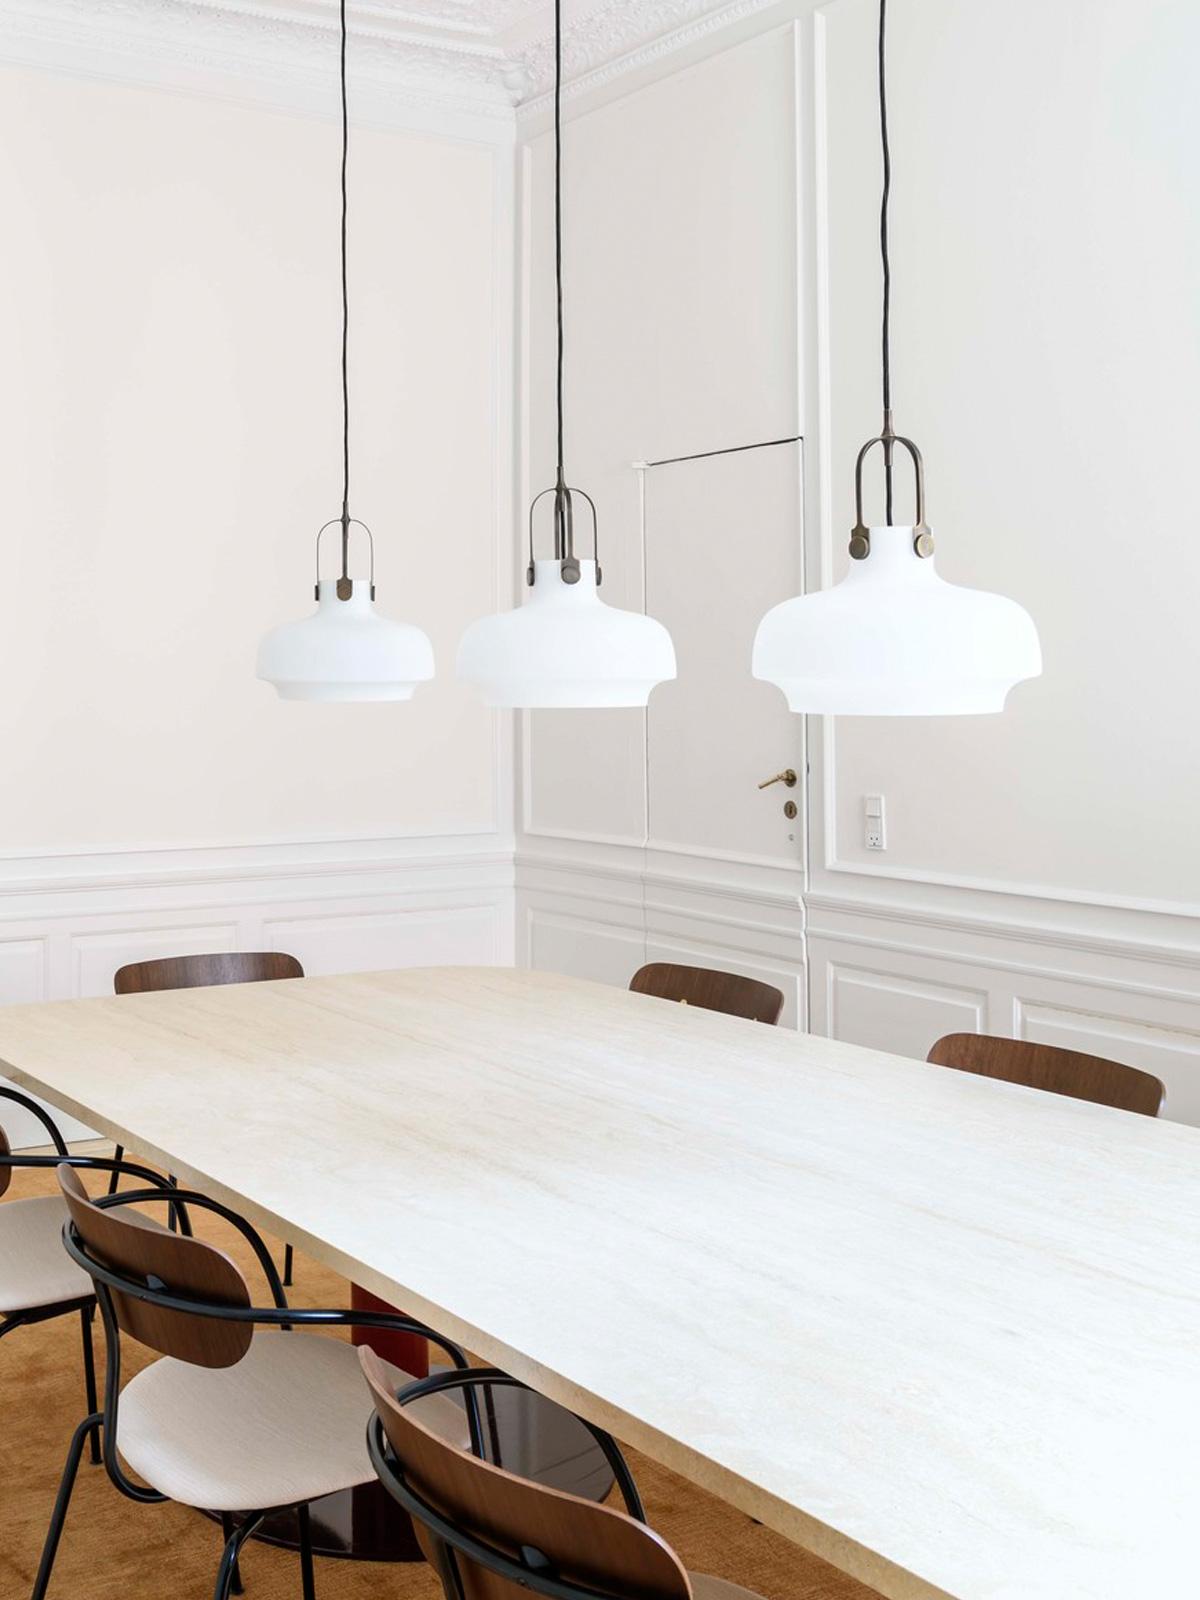 DesignOrt Blog: Dreierhängung von Pendelleuchten Copenhagen &tradition